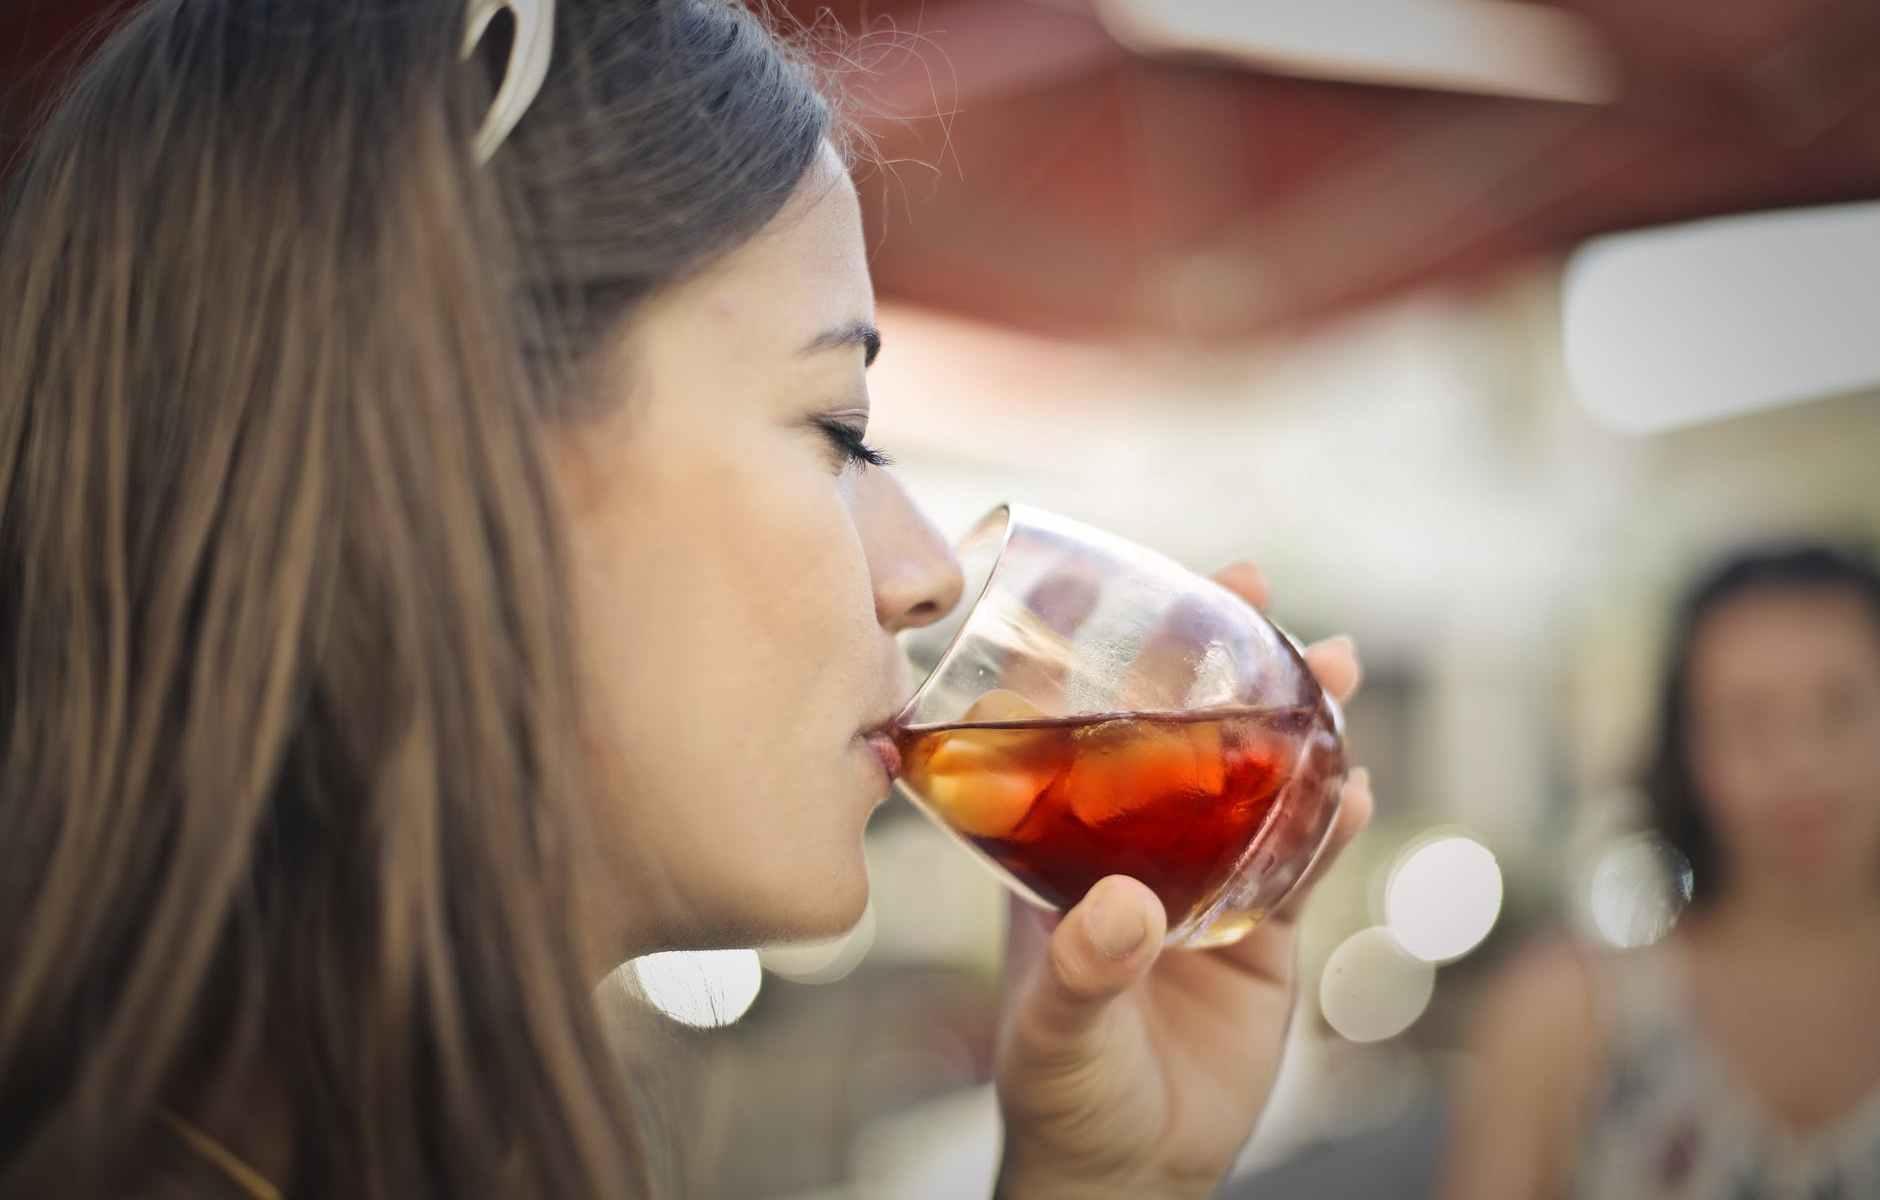 ragazza-beve-bicchiere-ghiaccio